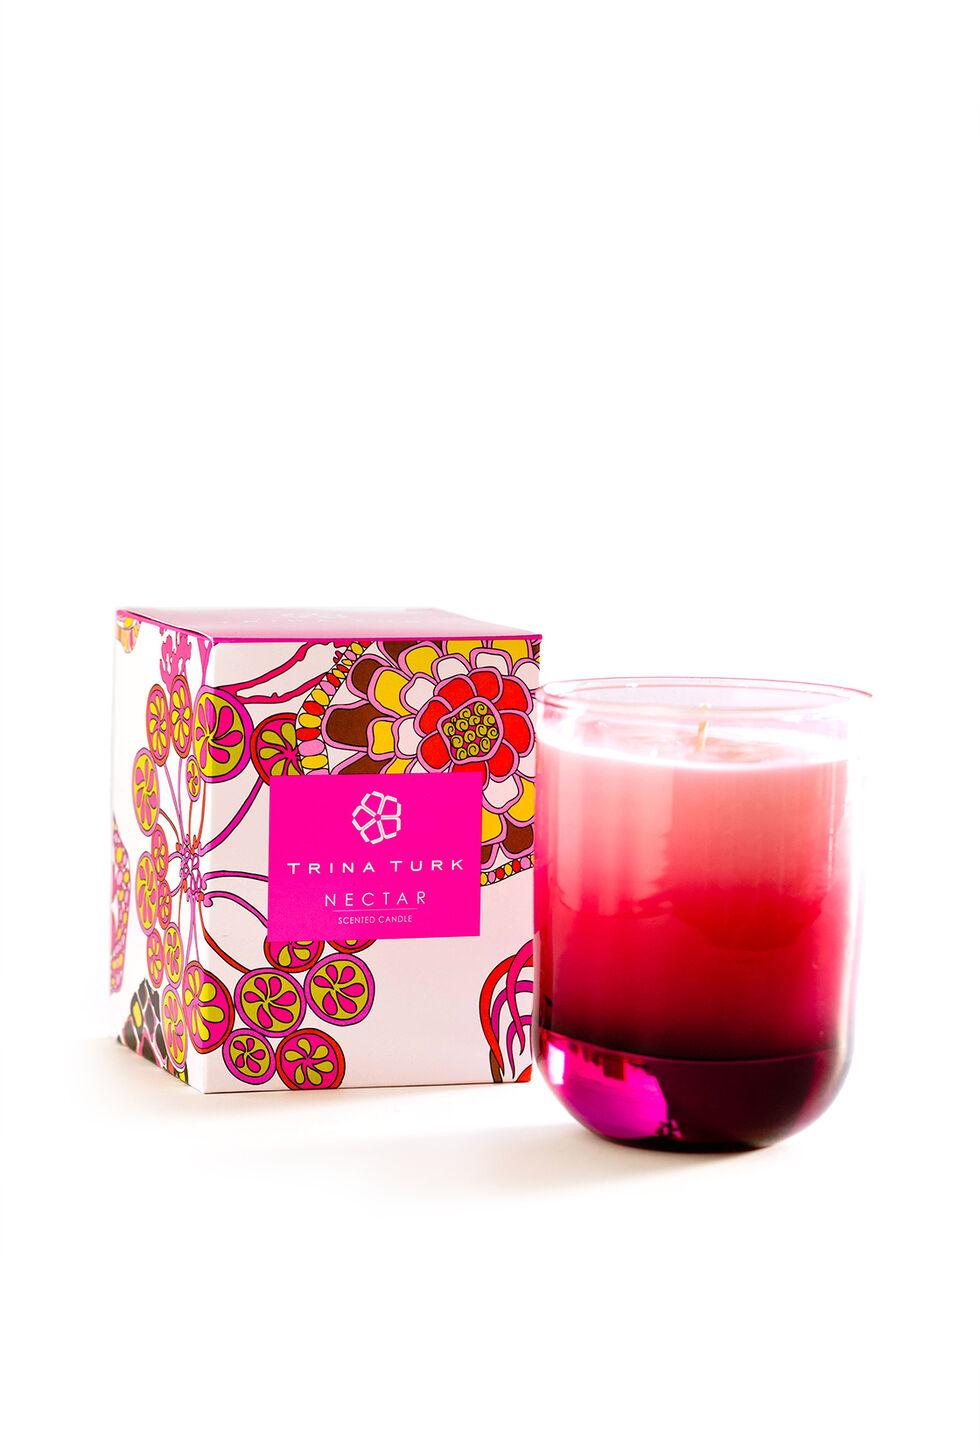 Trina Turk Nectar Candle